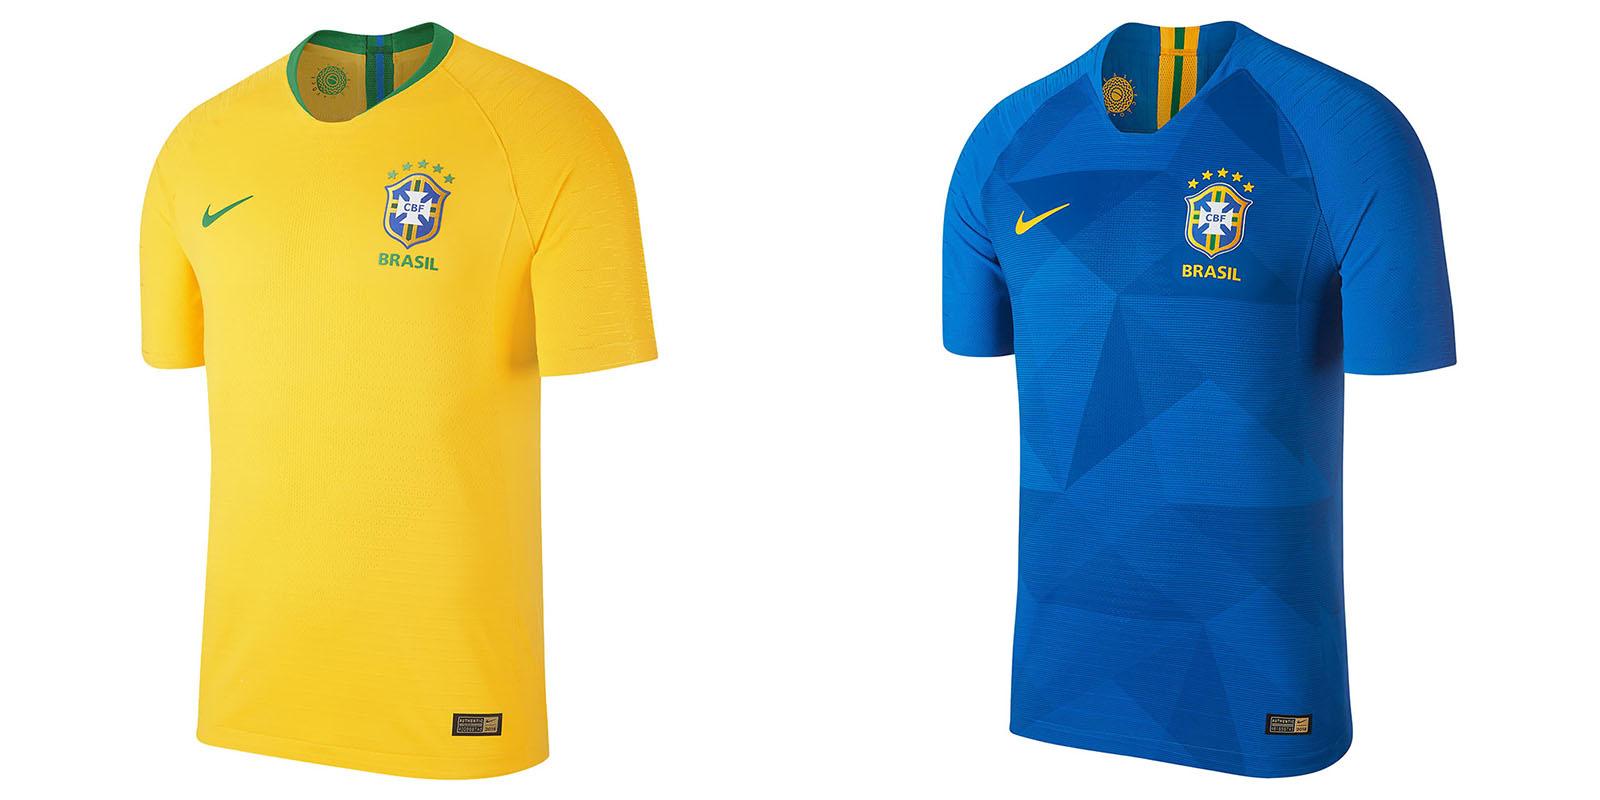 Форма сборной Бразилии на ЧМ2018